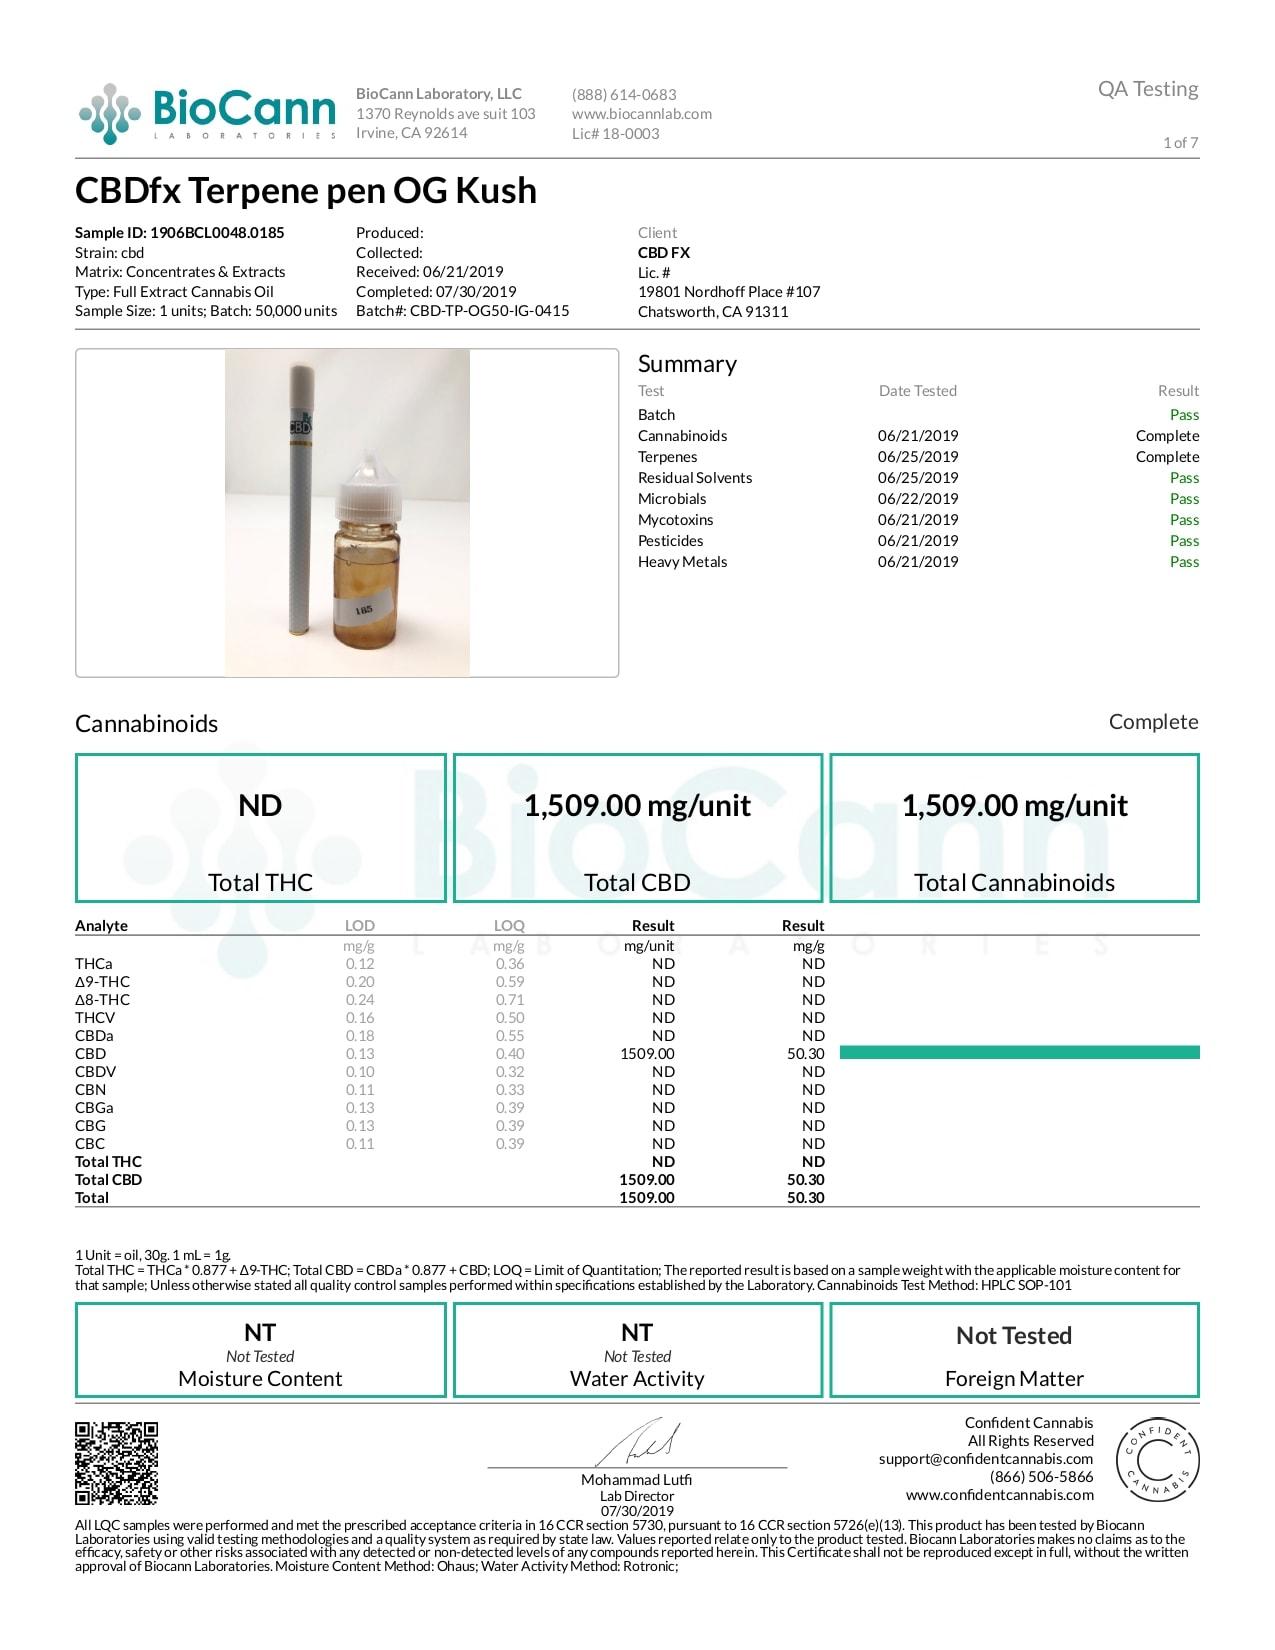 CBDfx OG Kush Lab Report CBD Terpenes Vape Pen 50mg